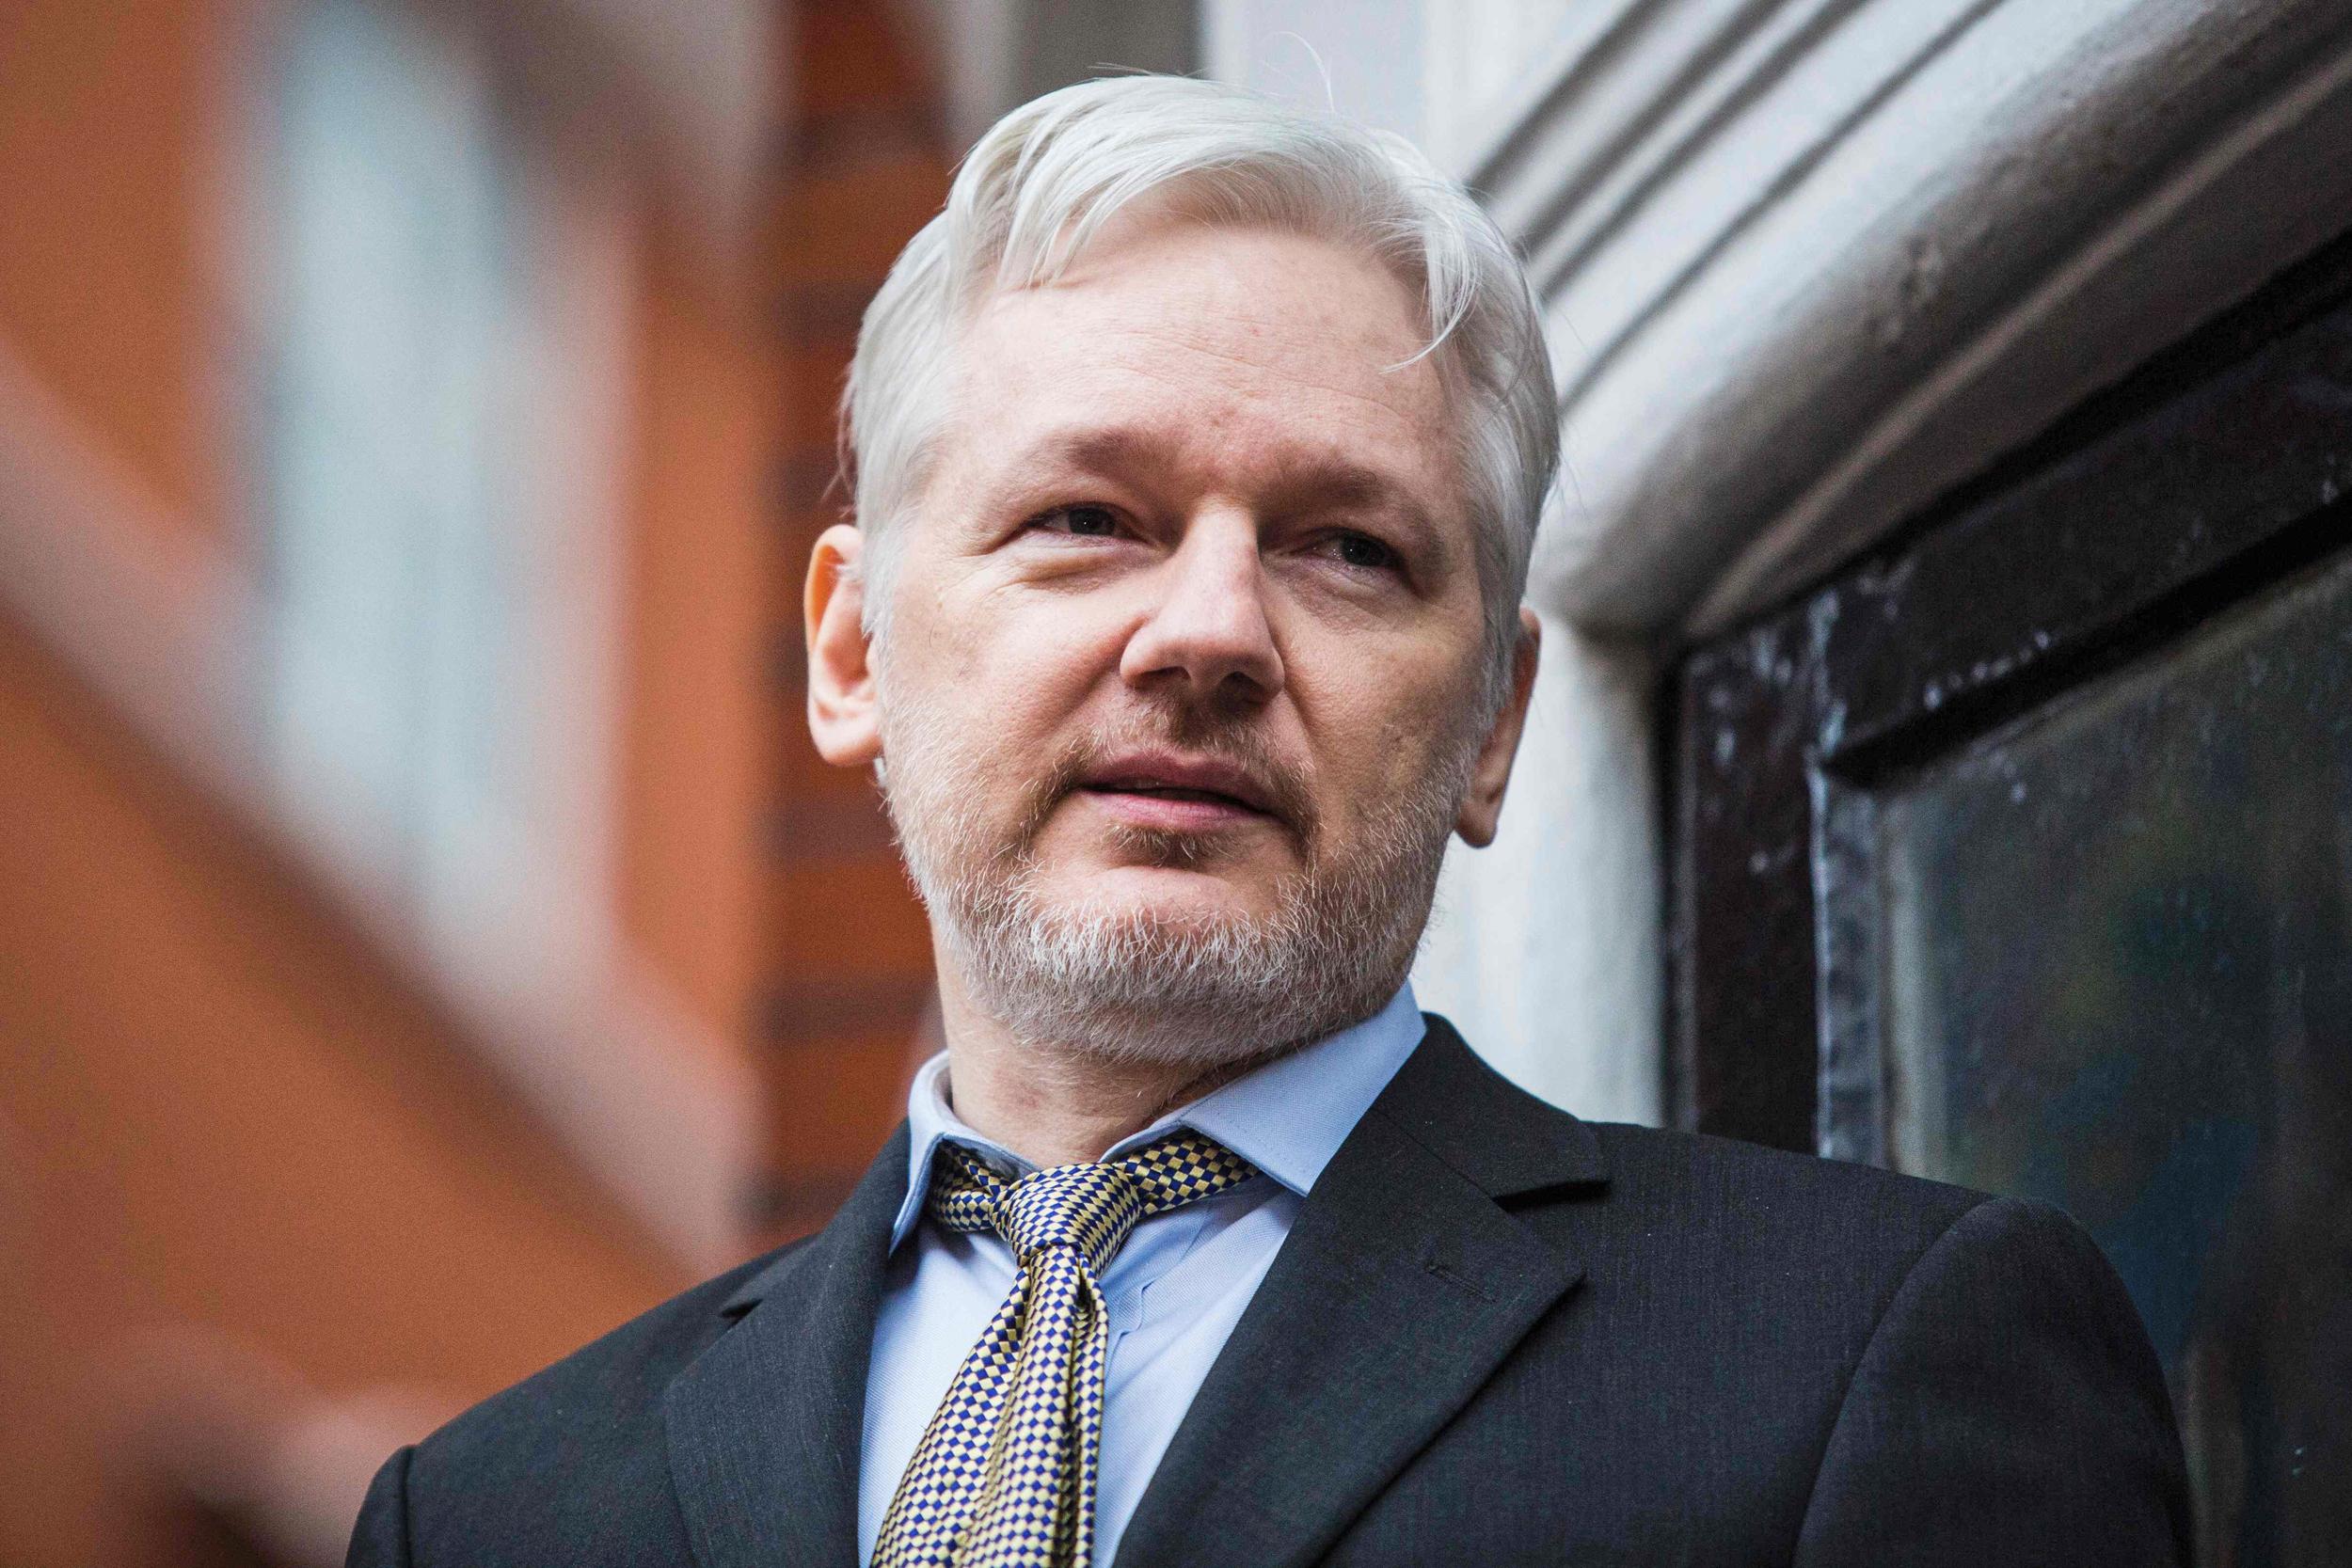 Julian-Assange-Rape-Case-Dropped-After-7-Years